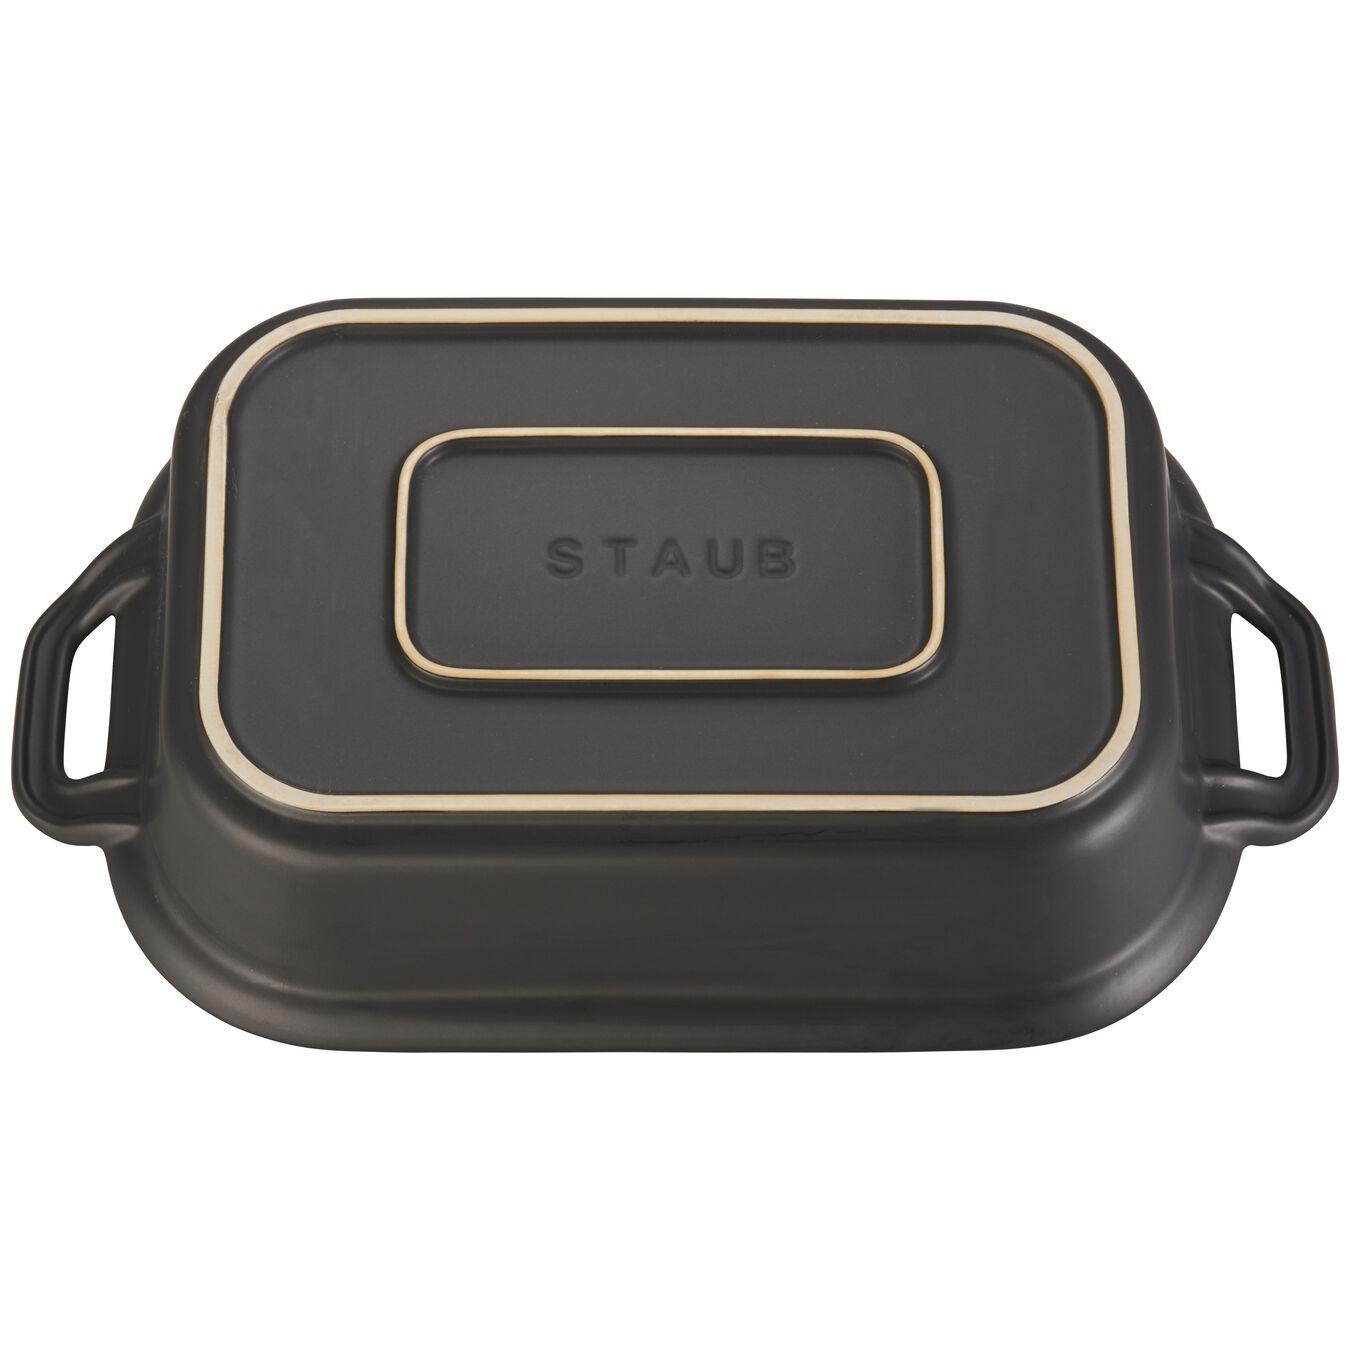 Ceramic rectangular Moules de forme spéciale, Black,,large 3